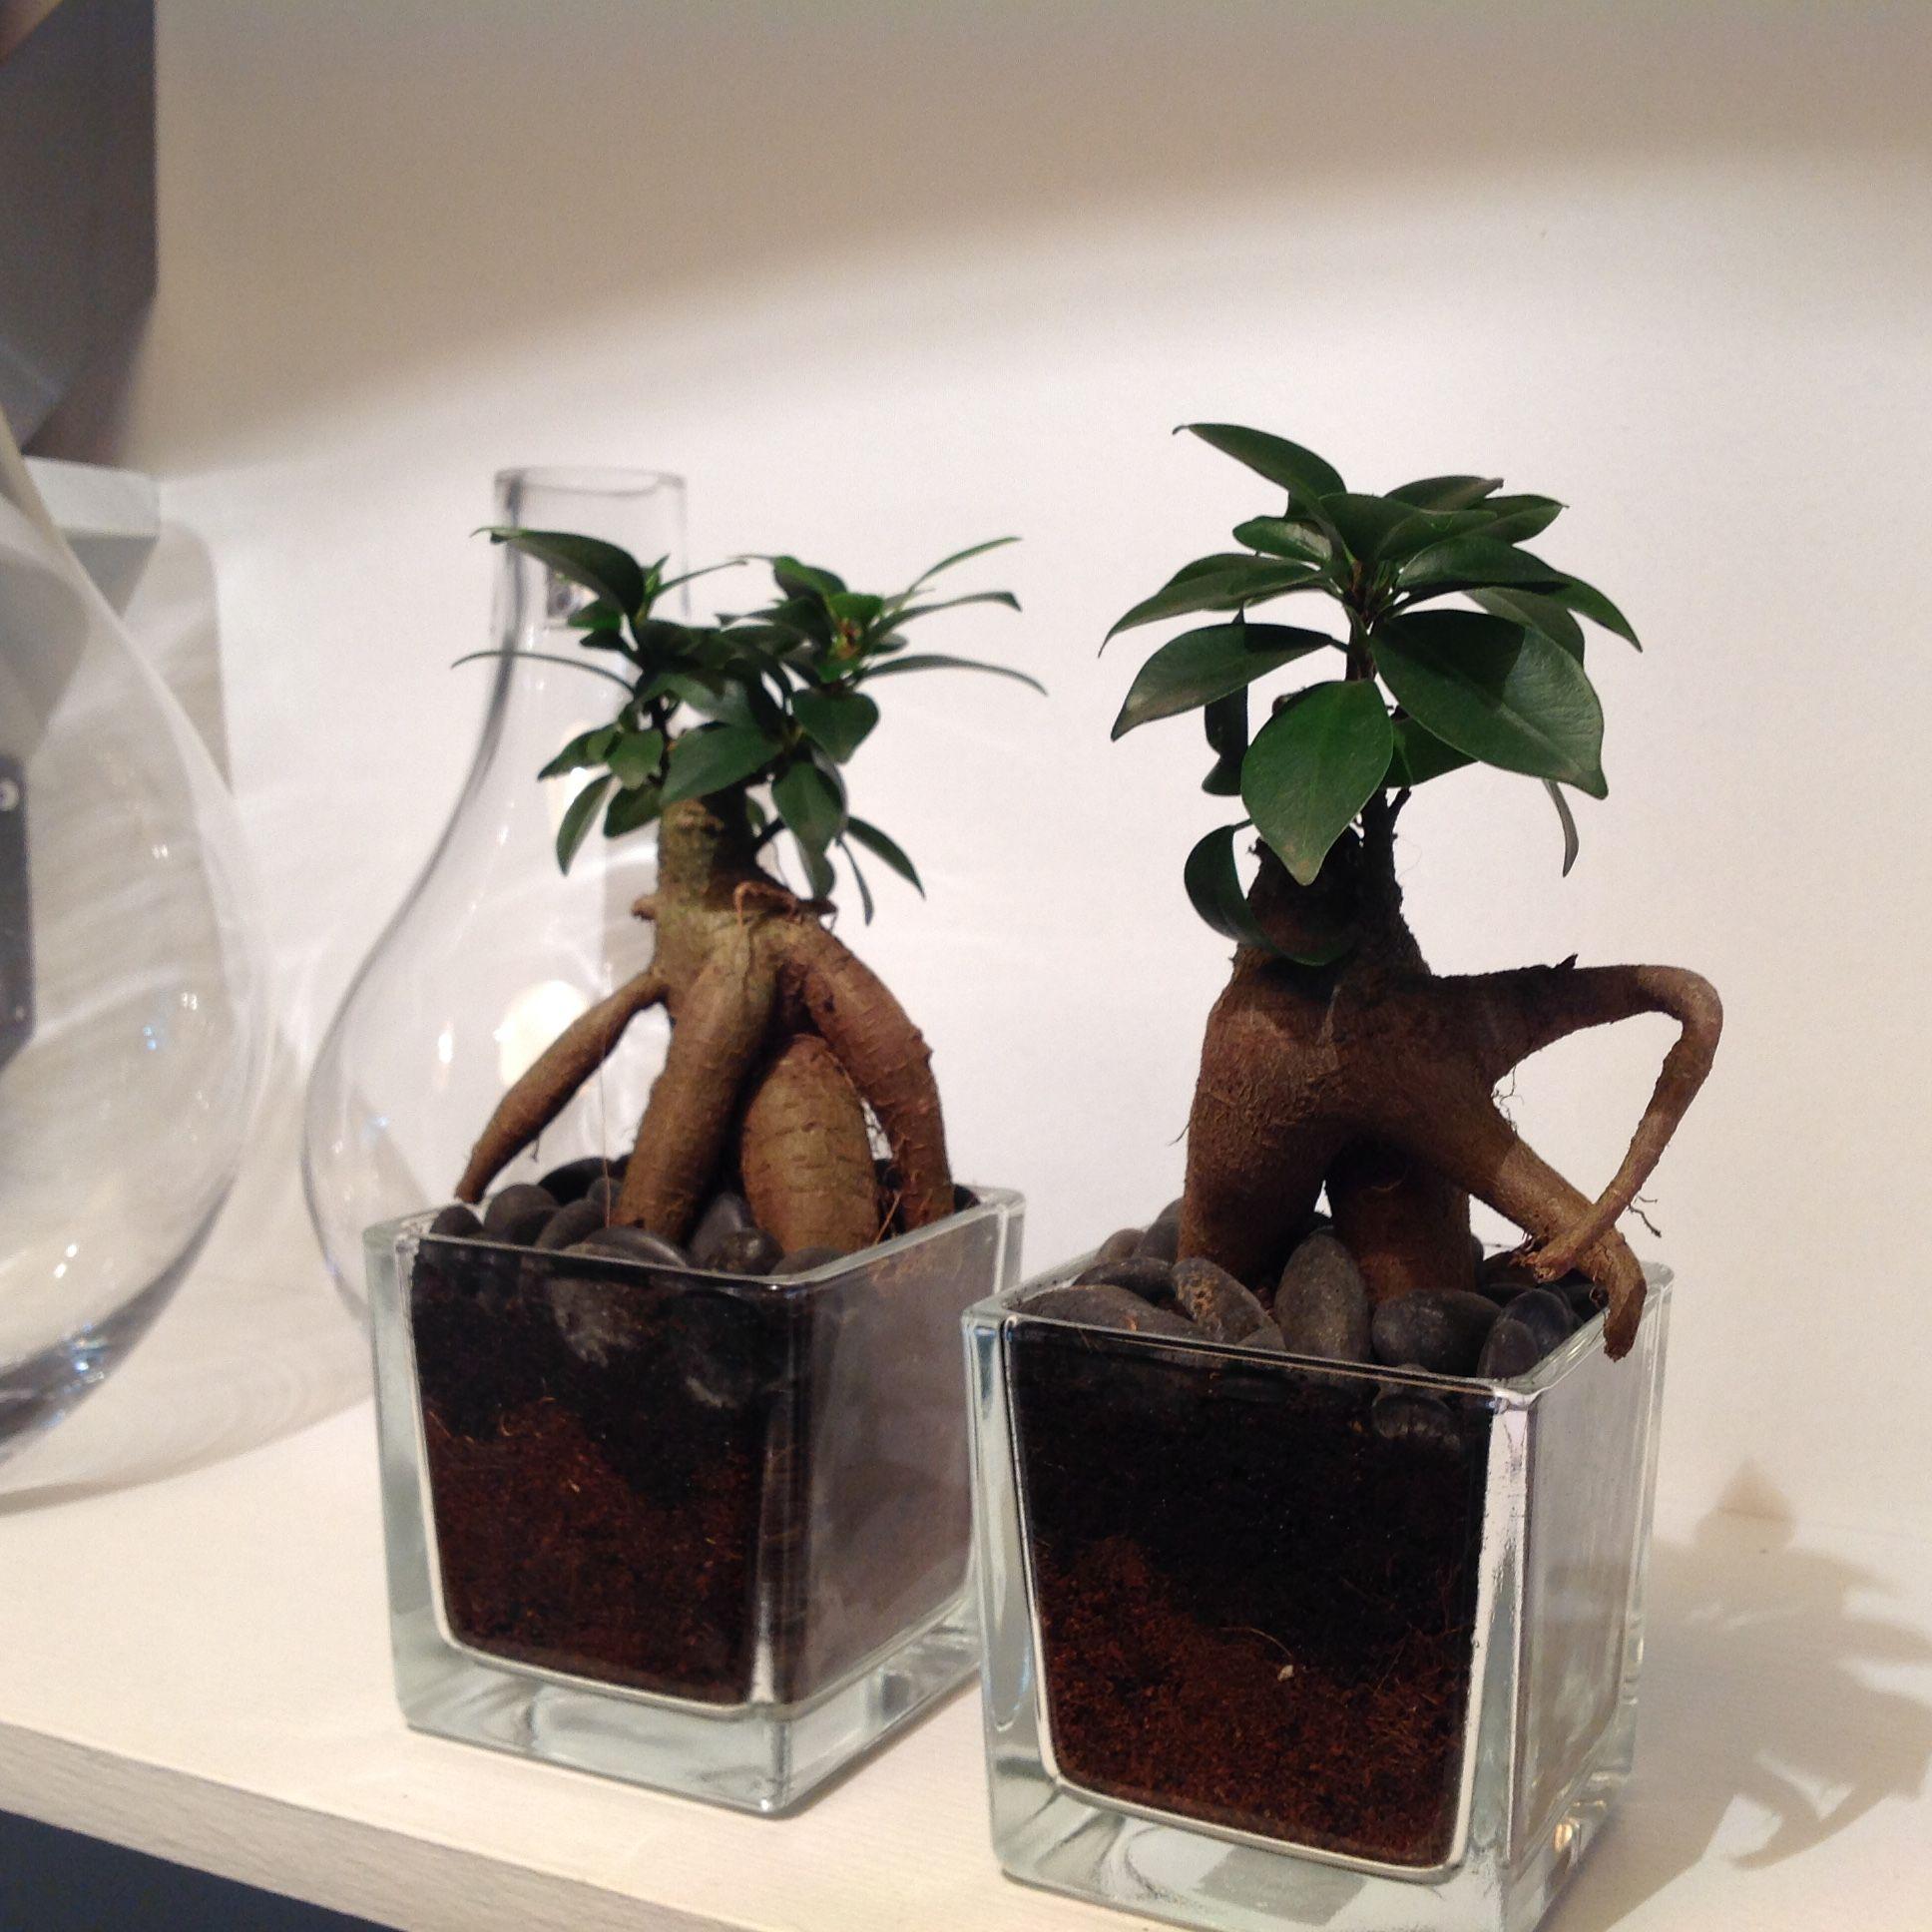 Plante fleurie ou verte, cactus, plante grasse, arbre fruitier nain, jardin miniature, ... Découvrez notre gamme de plantes en pot originale